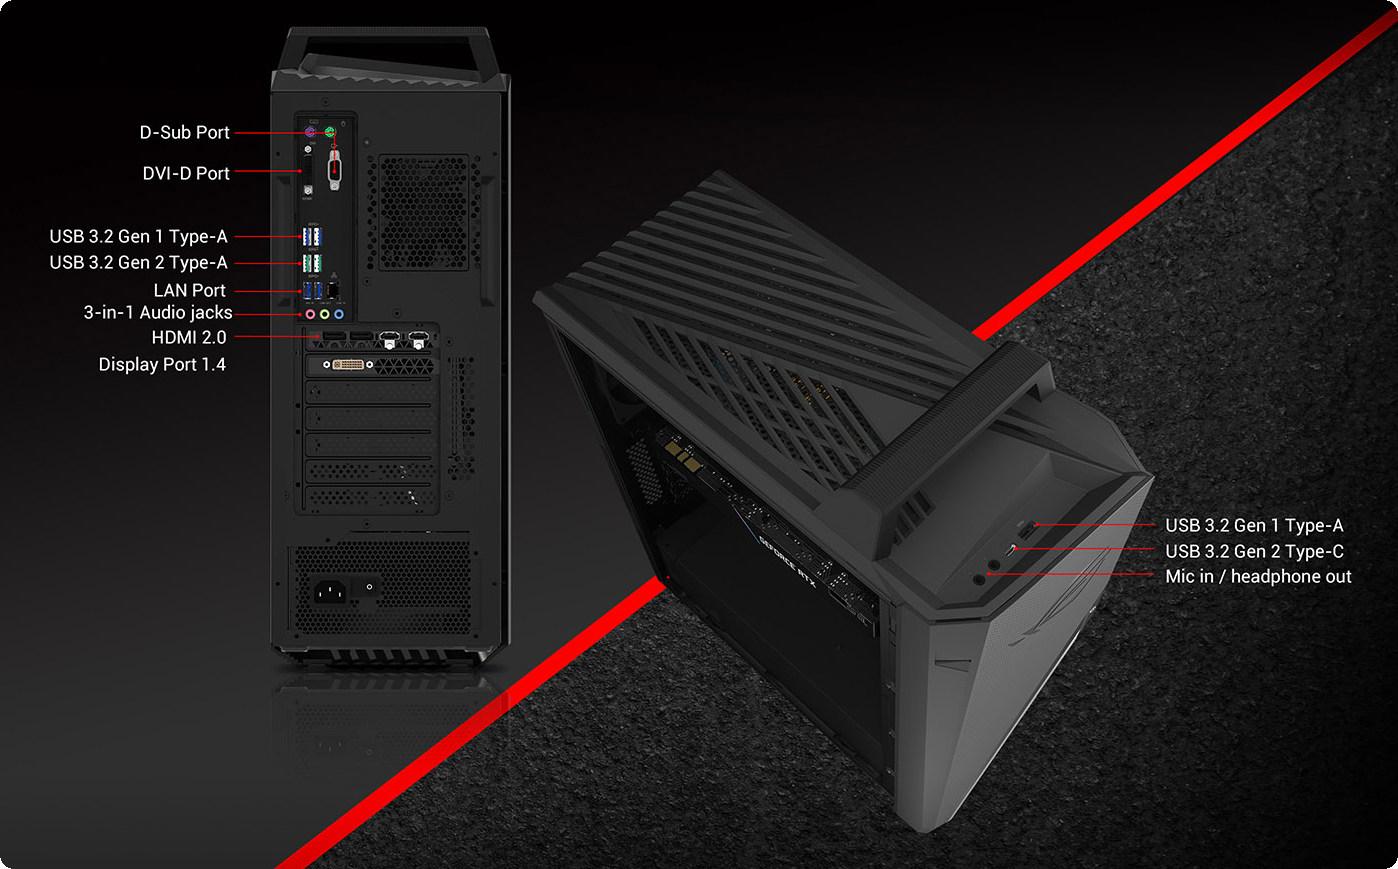 PC ASUS ROG Strix G15DH-VN001T có tốc độ truyền dữ liệu và sạc nhanh